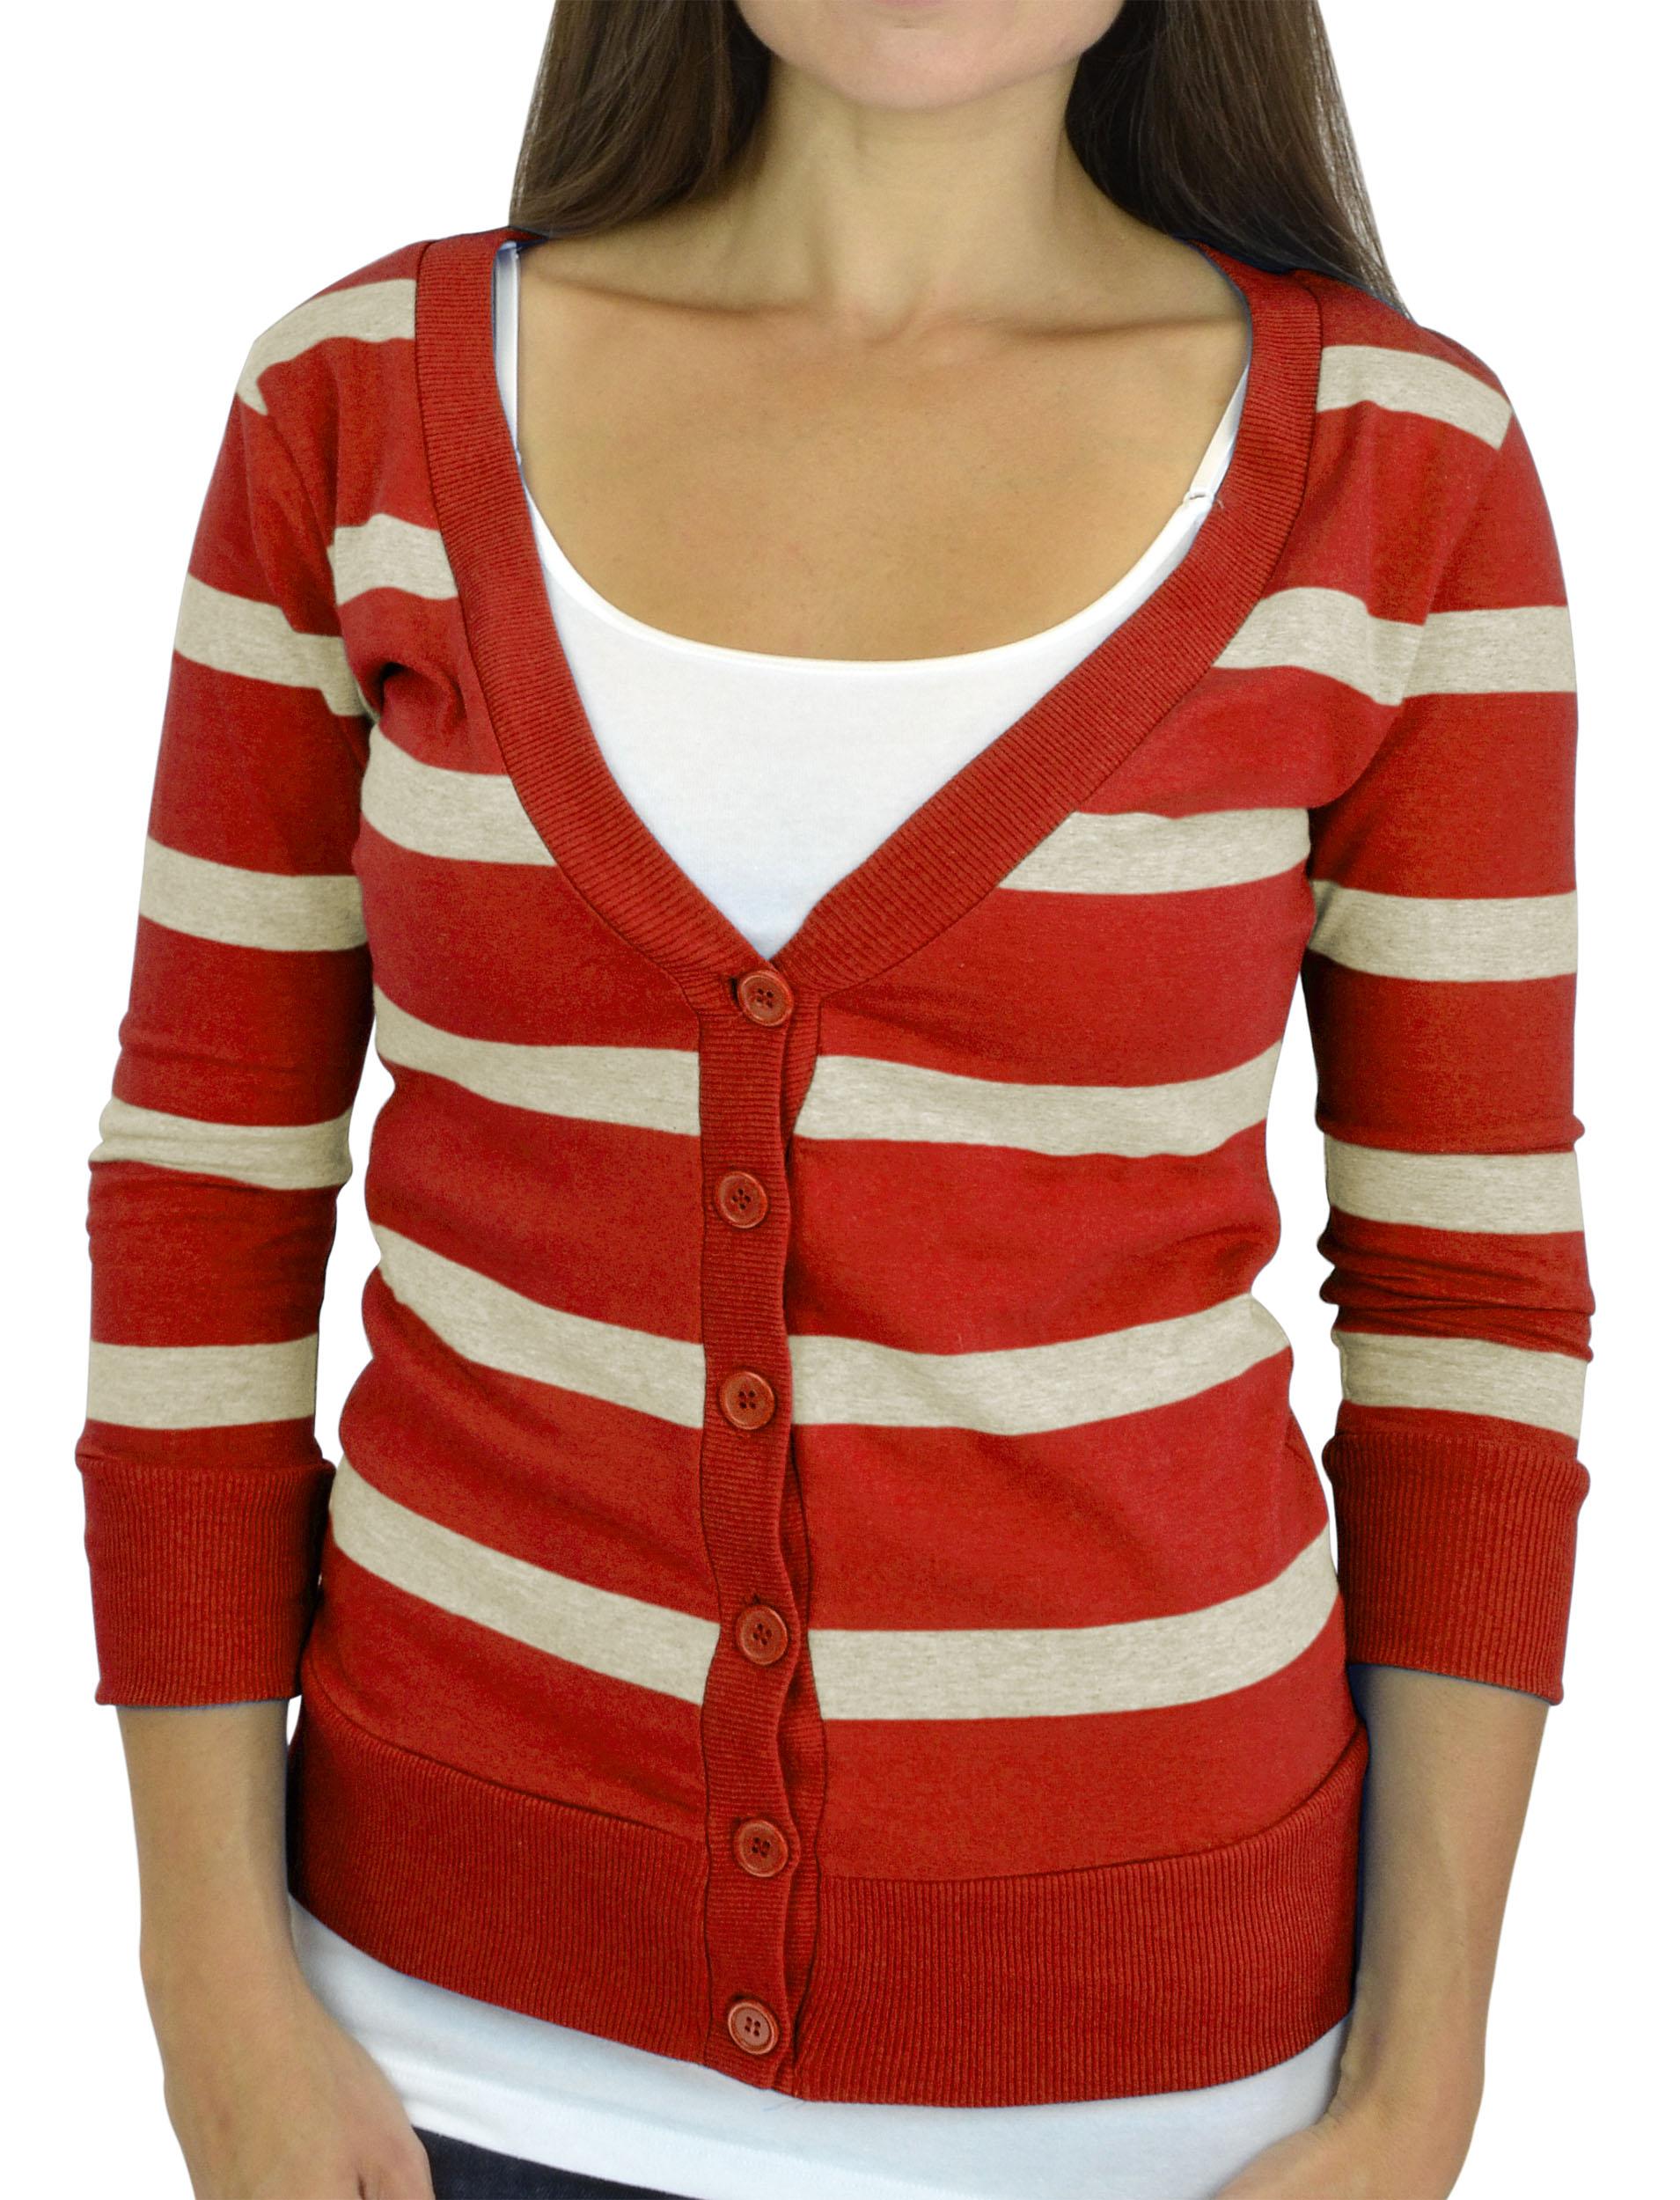 Belle Donne - Women / Girl Junior Size Soft 3/4 Sleeve V-Neck Sweater Cardigans - Heather Beige/Large